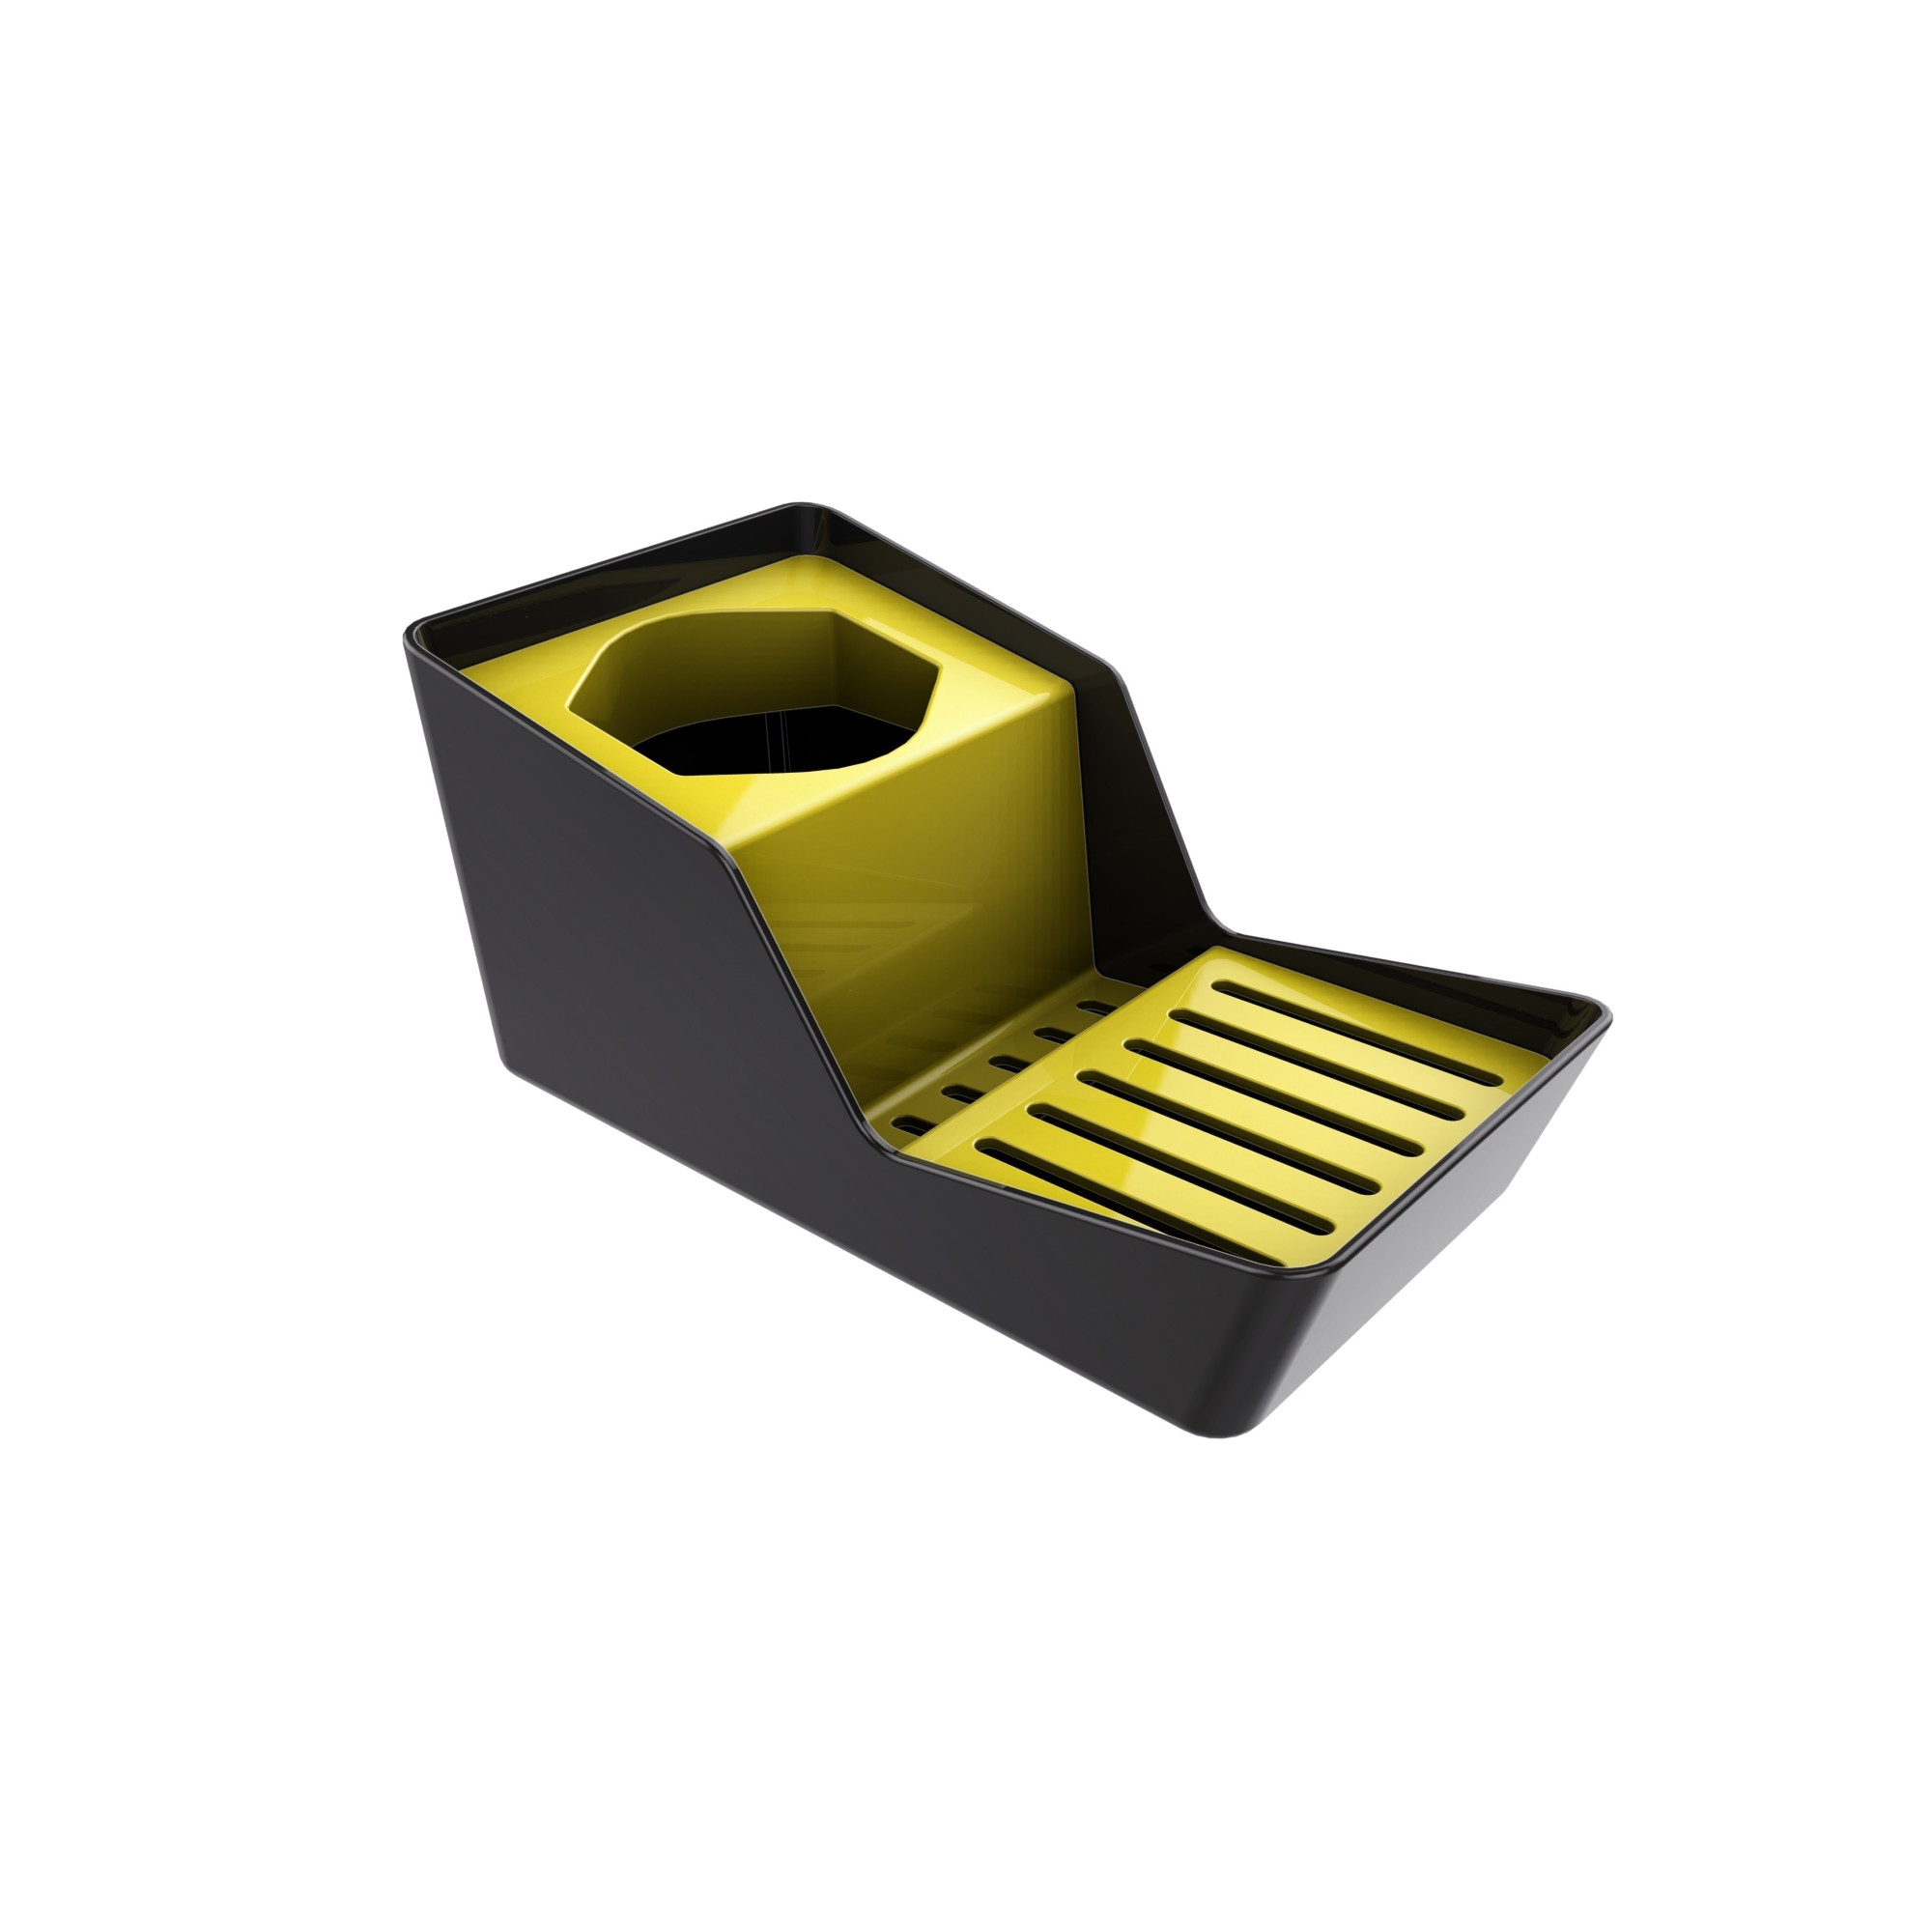 Suporte para Sabao e Esponja Plastico Amarelo 40703038 - Crippa